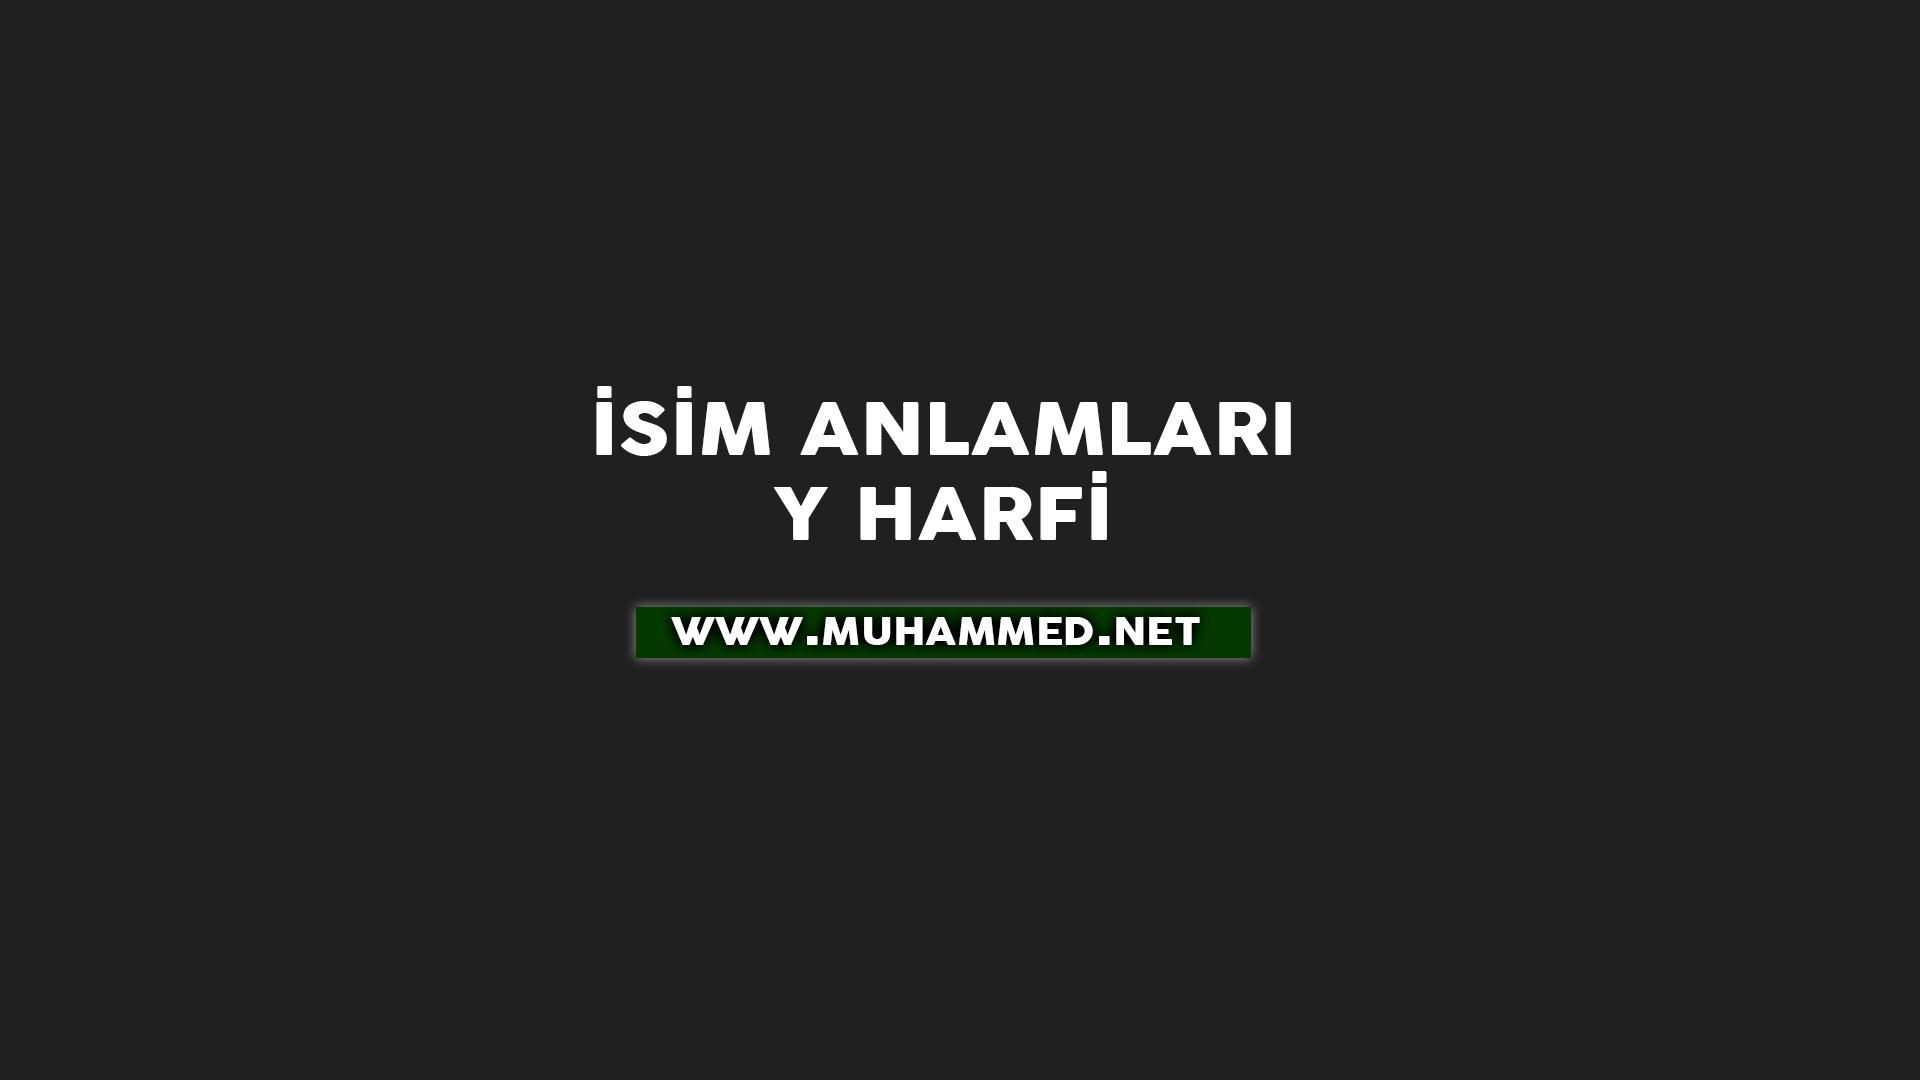 İsim Anlamları - Y Harfi